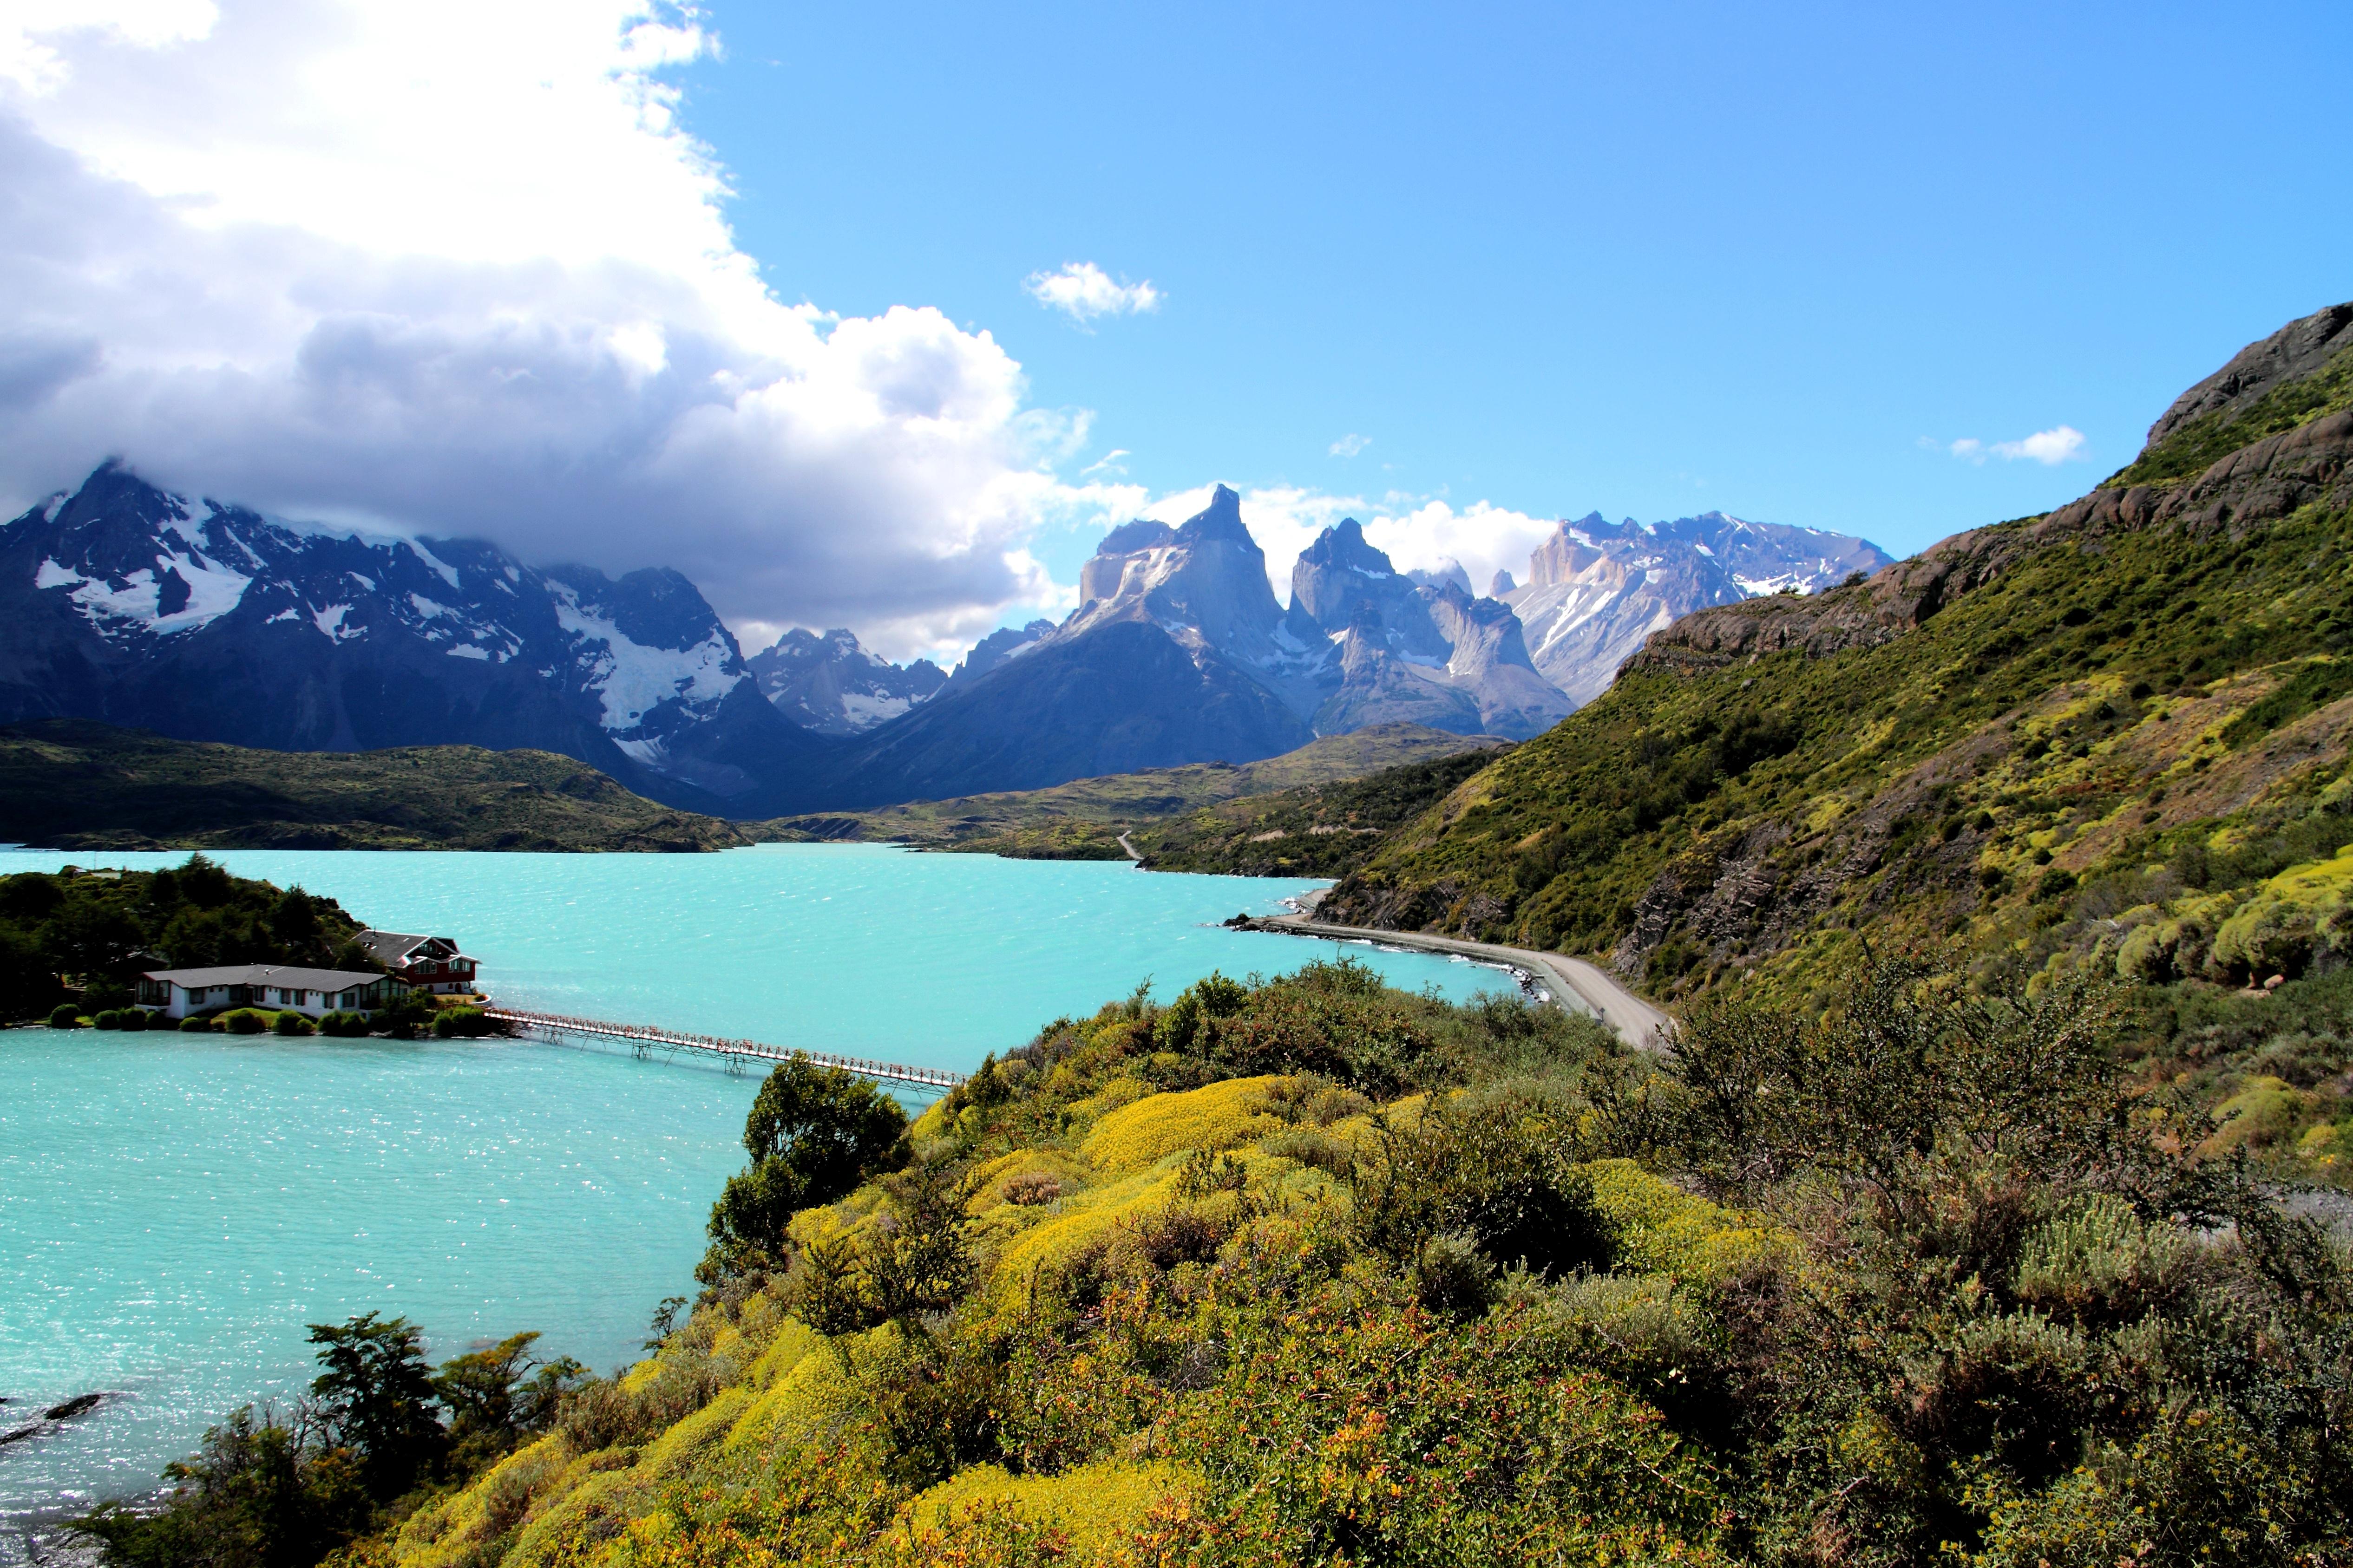 Torres del Paine, al sur de Chile. Autor, S. Rossi